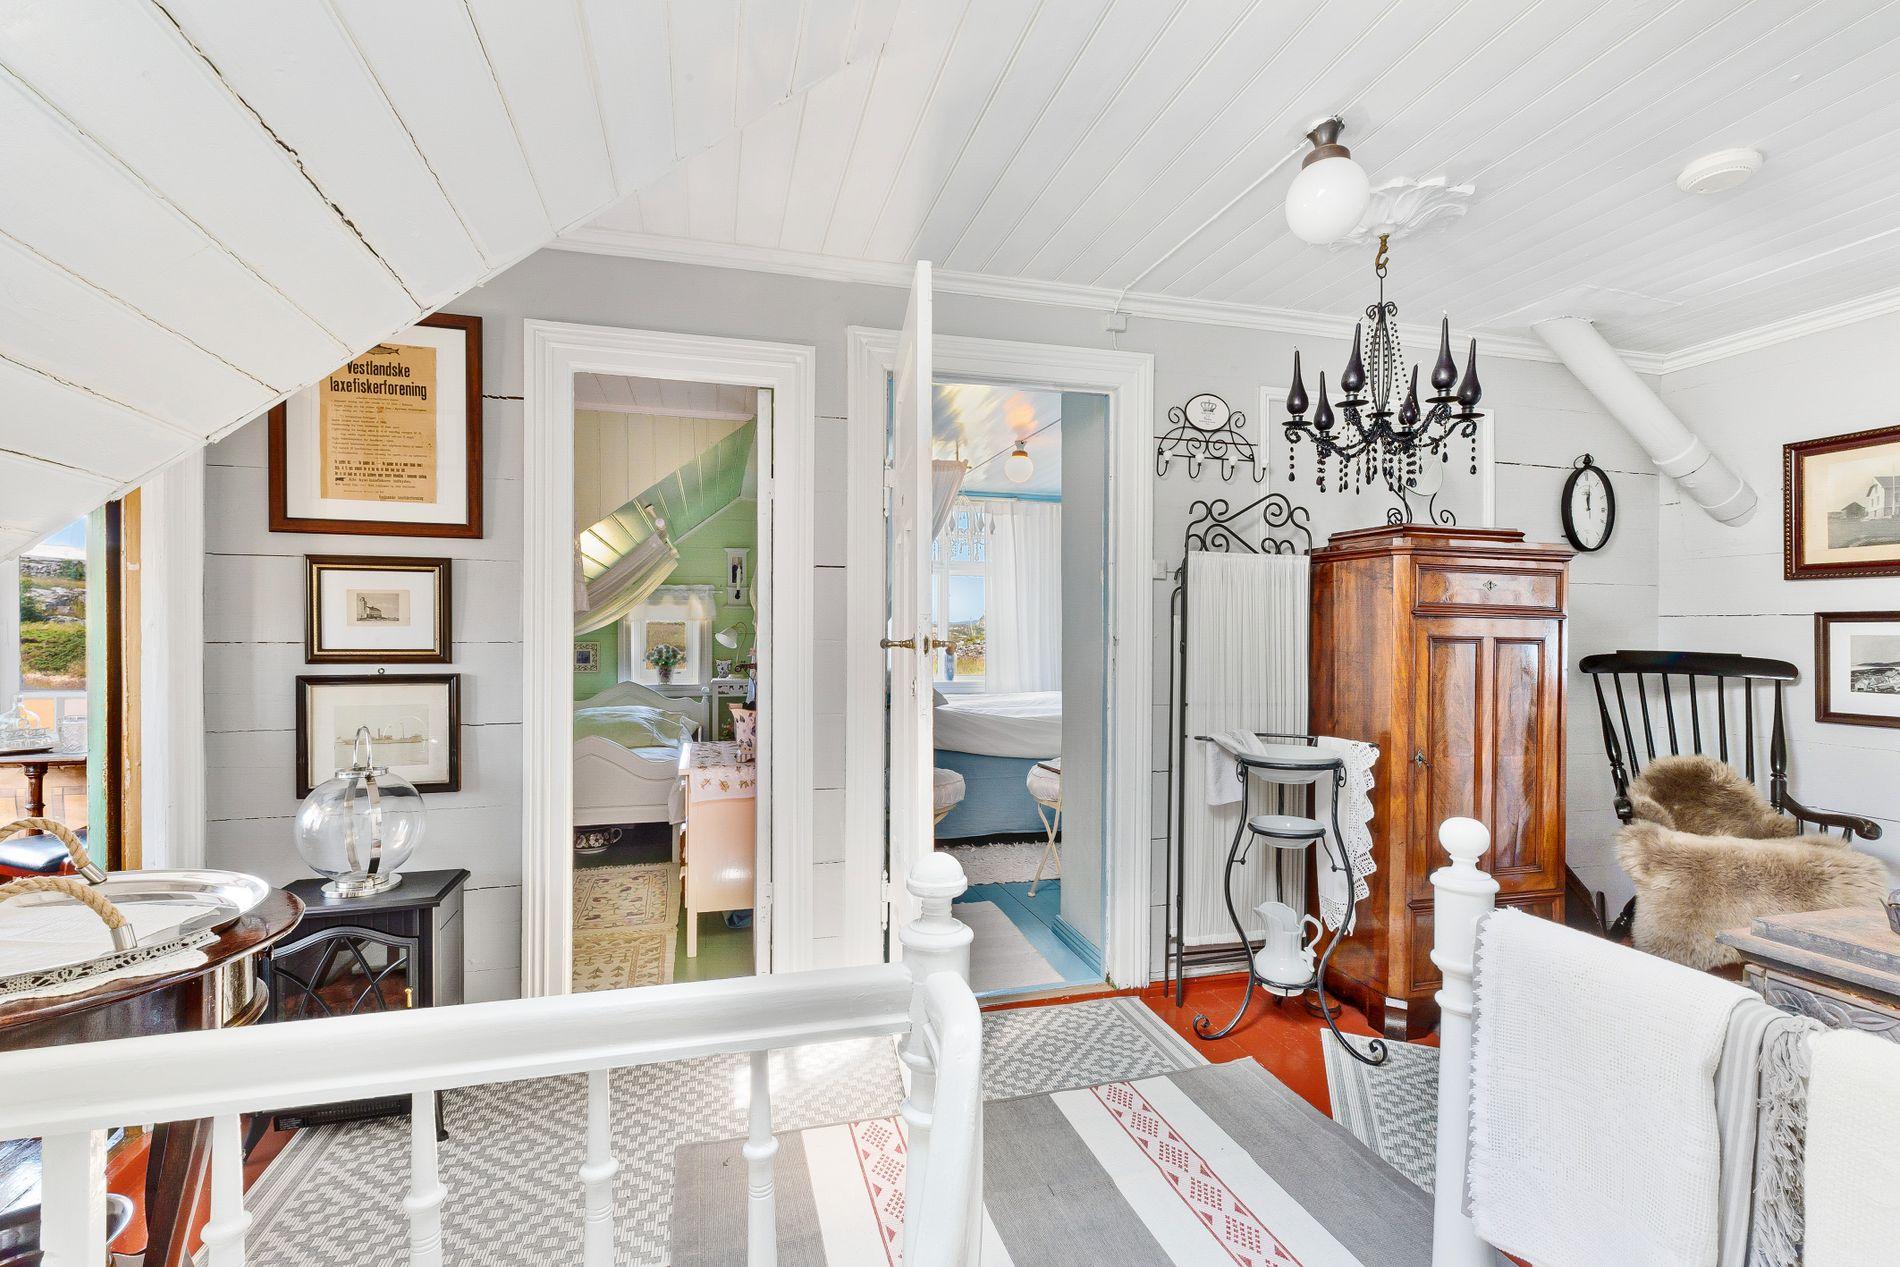 SJEL: De originale detaljene fra da huset var nytt går igjen i alle rom, slik at boligen har en gjennomgående ærverdig stil.